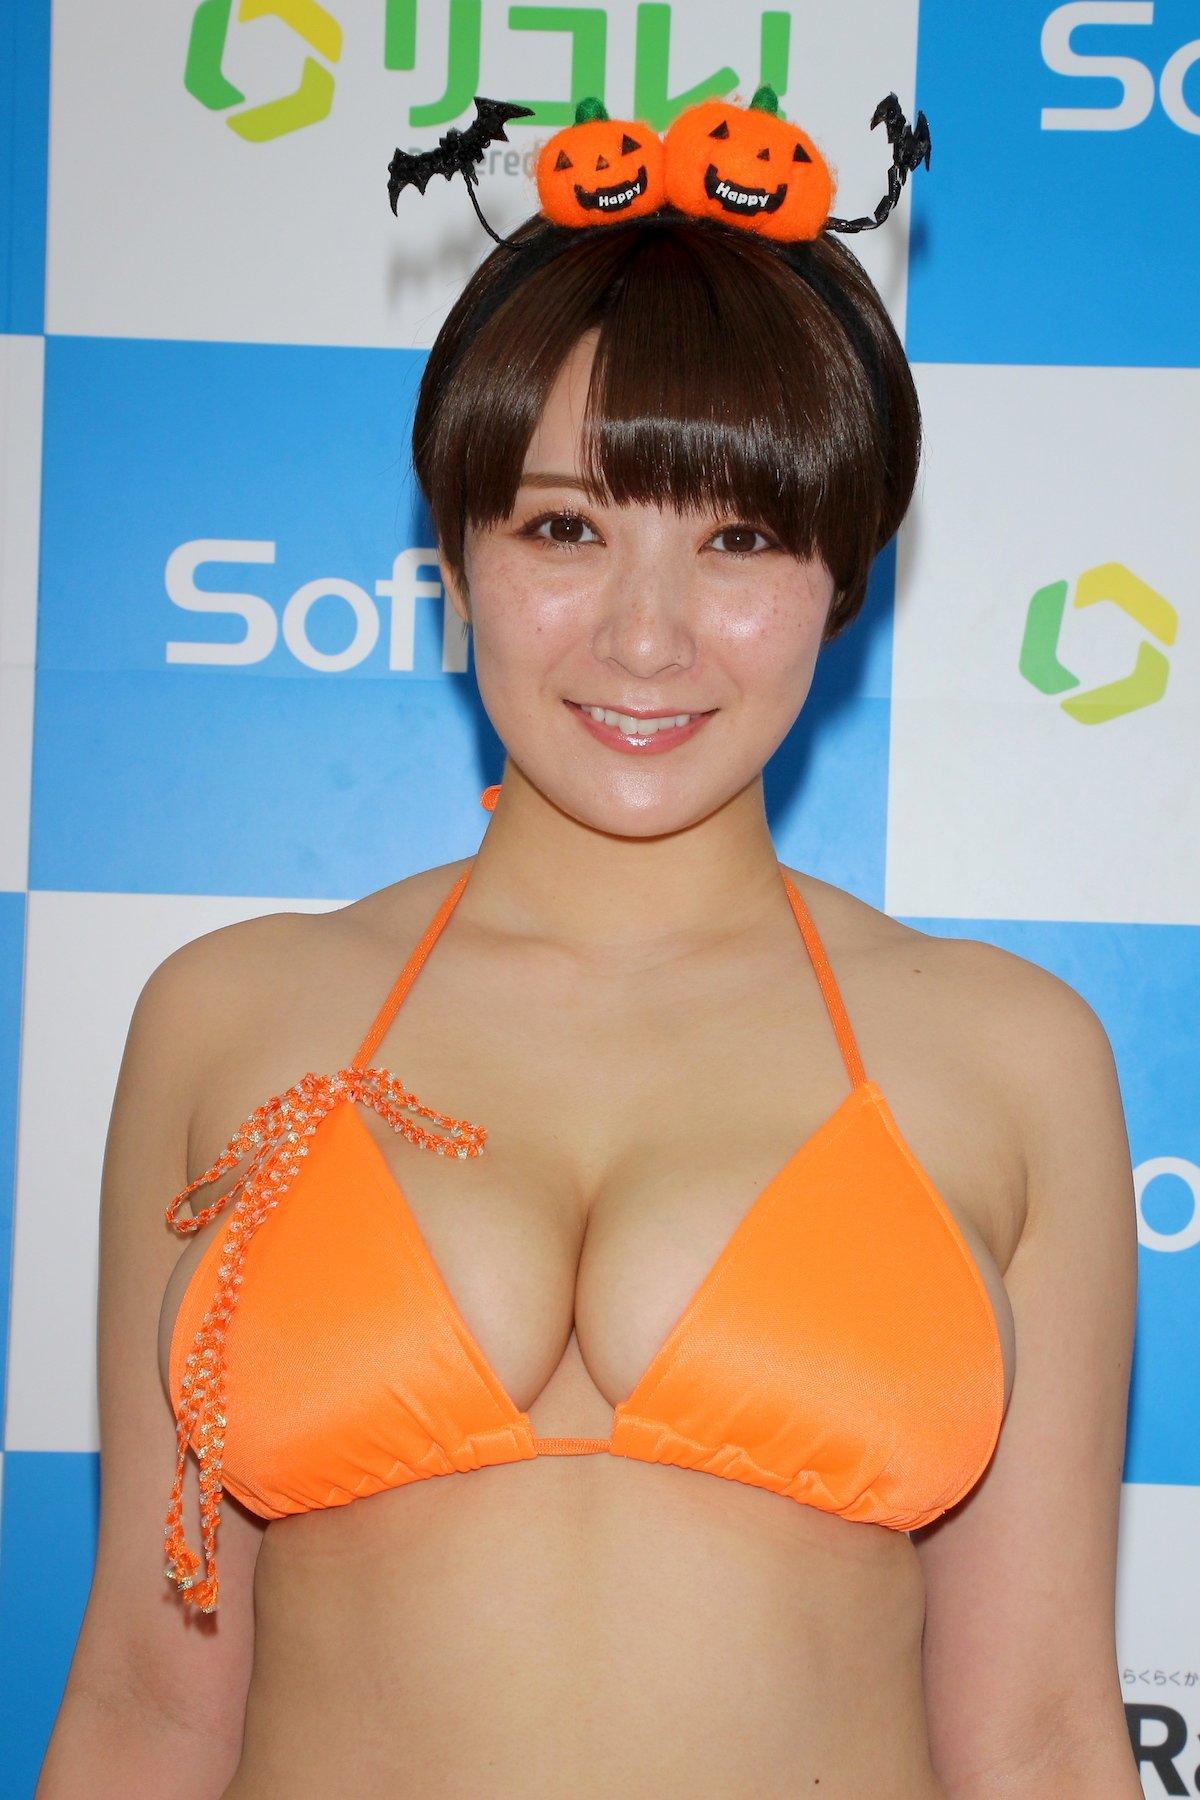 紺野栞「SM嬢に初挑戦」ムチを覚えて感動しました【画像49枚】の画像015